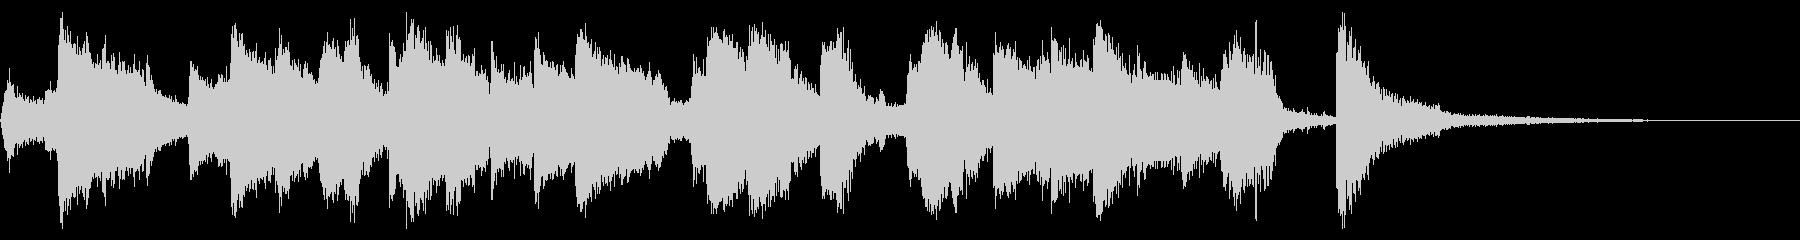 ビッグバンドジャズのBGM2の未再生の波形